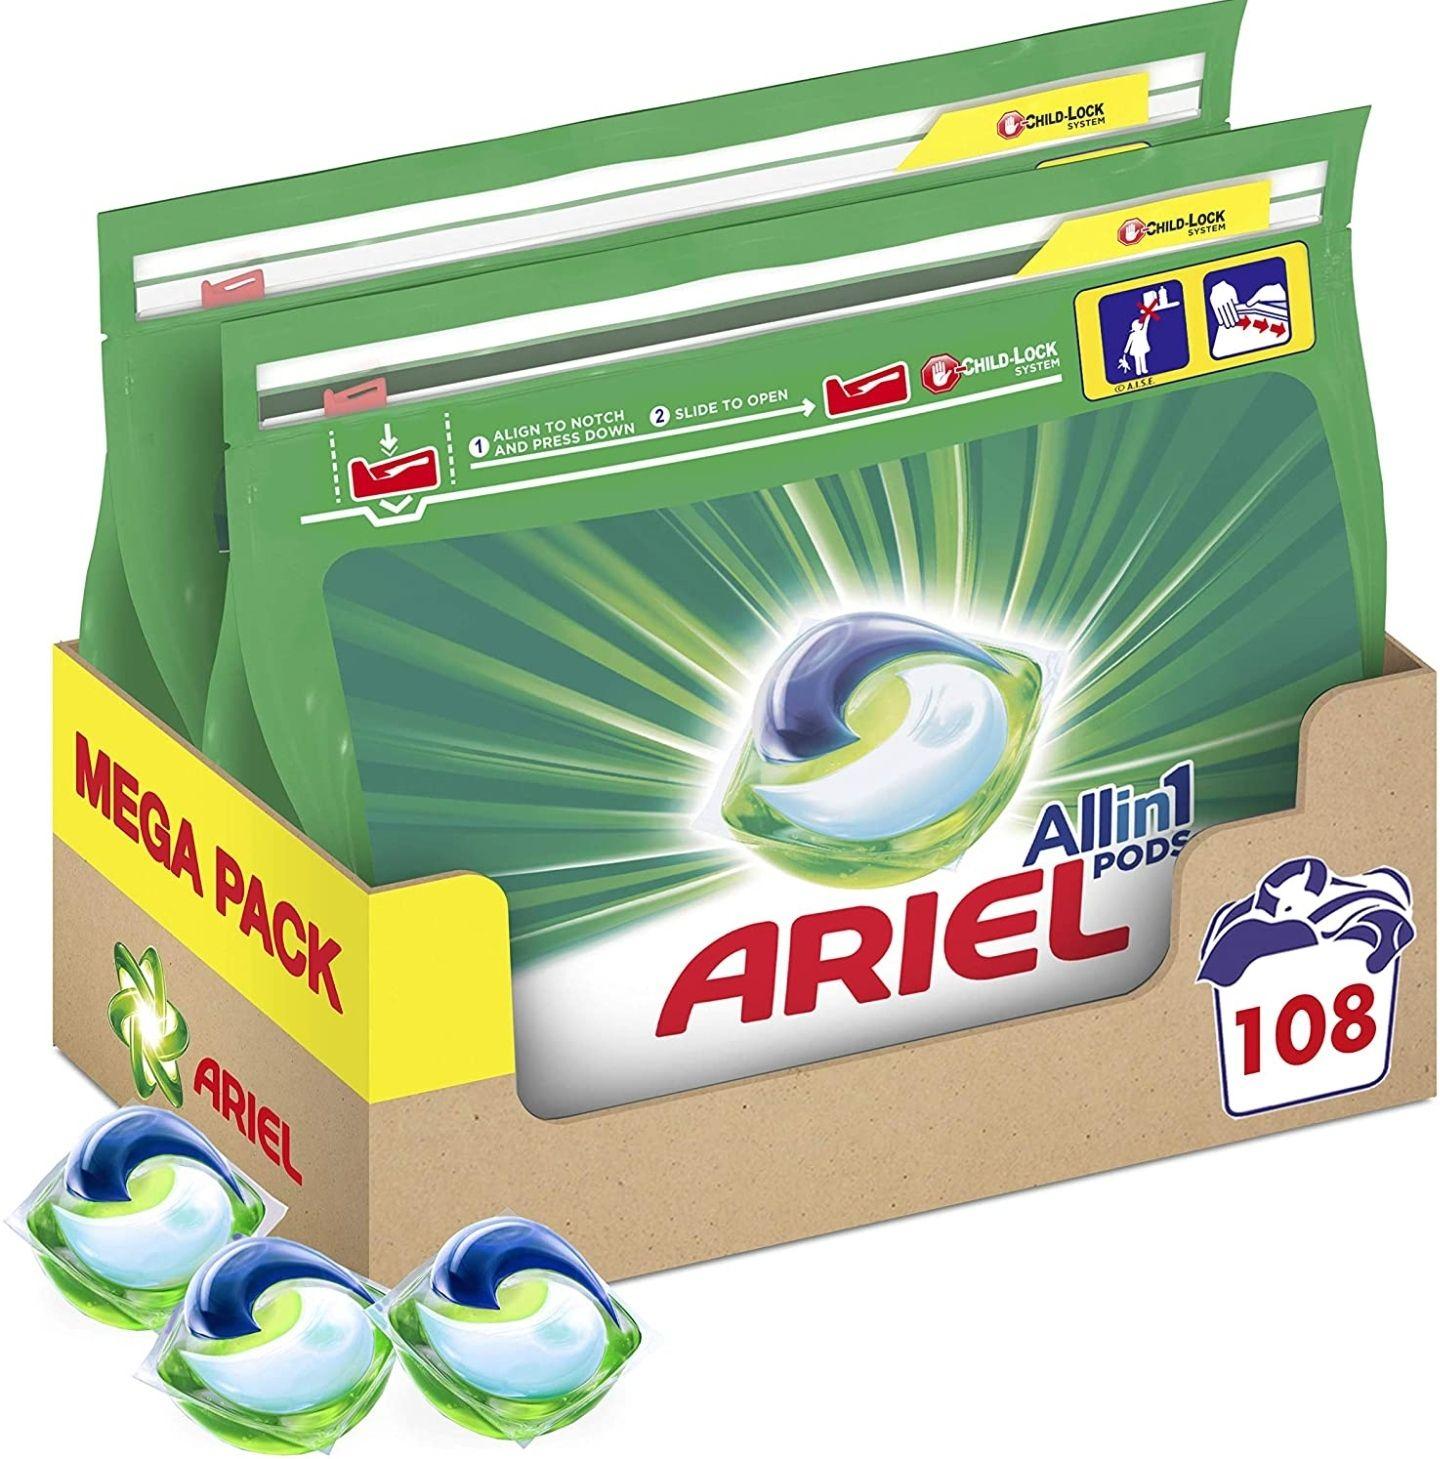 Arielpods 108 lavados por menos de 21€